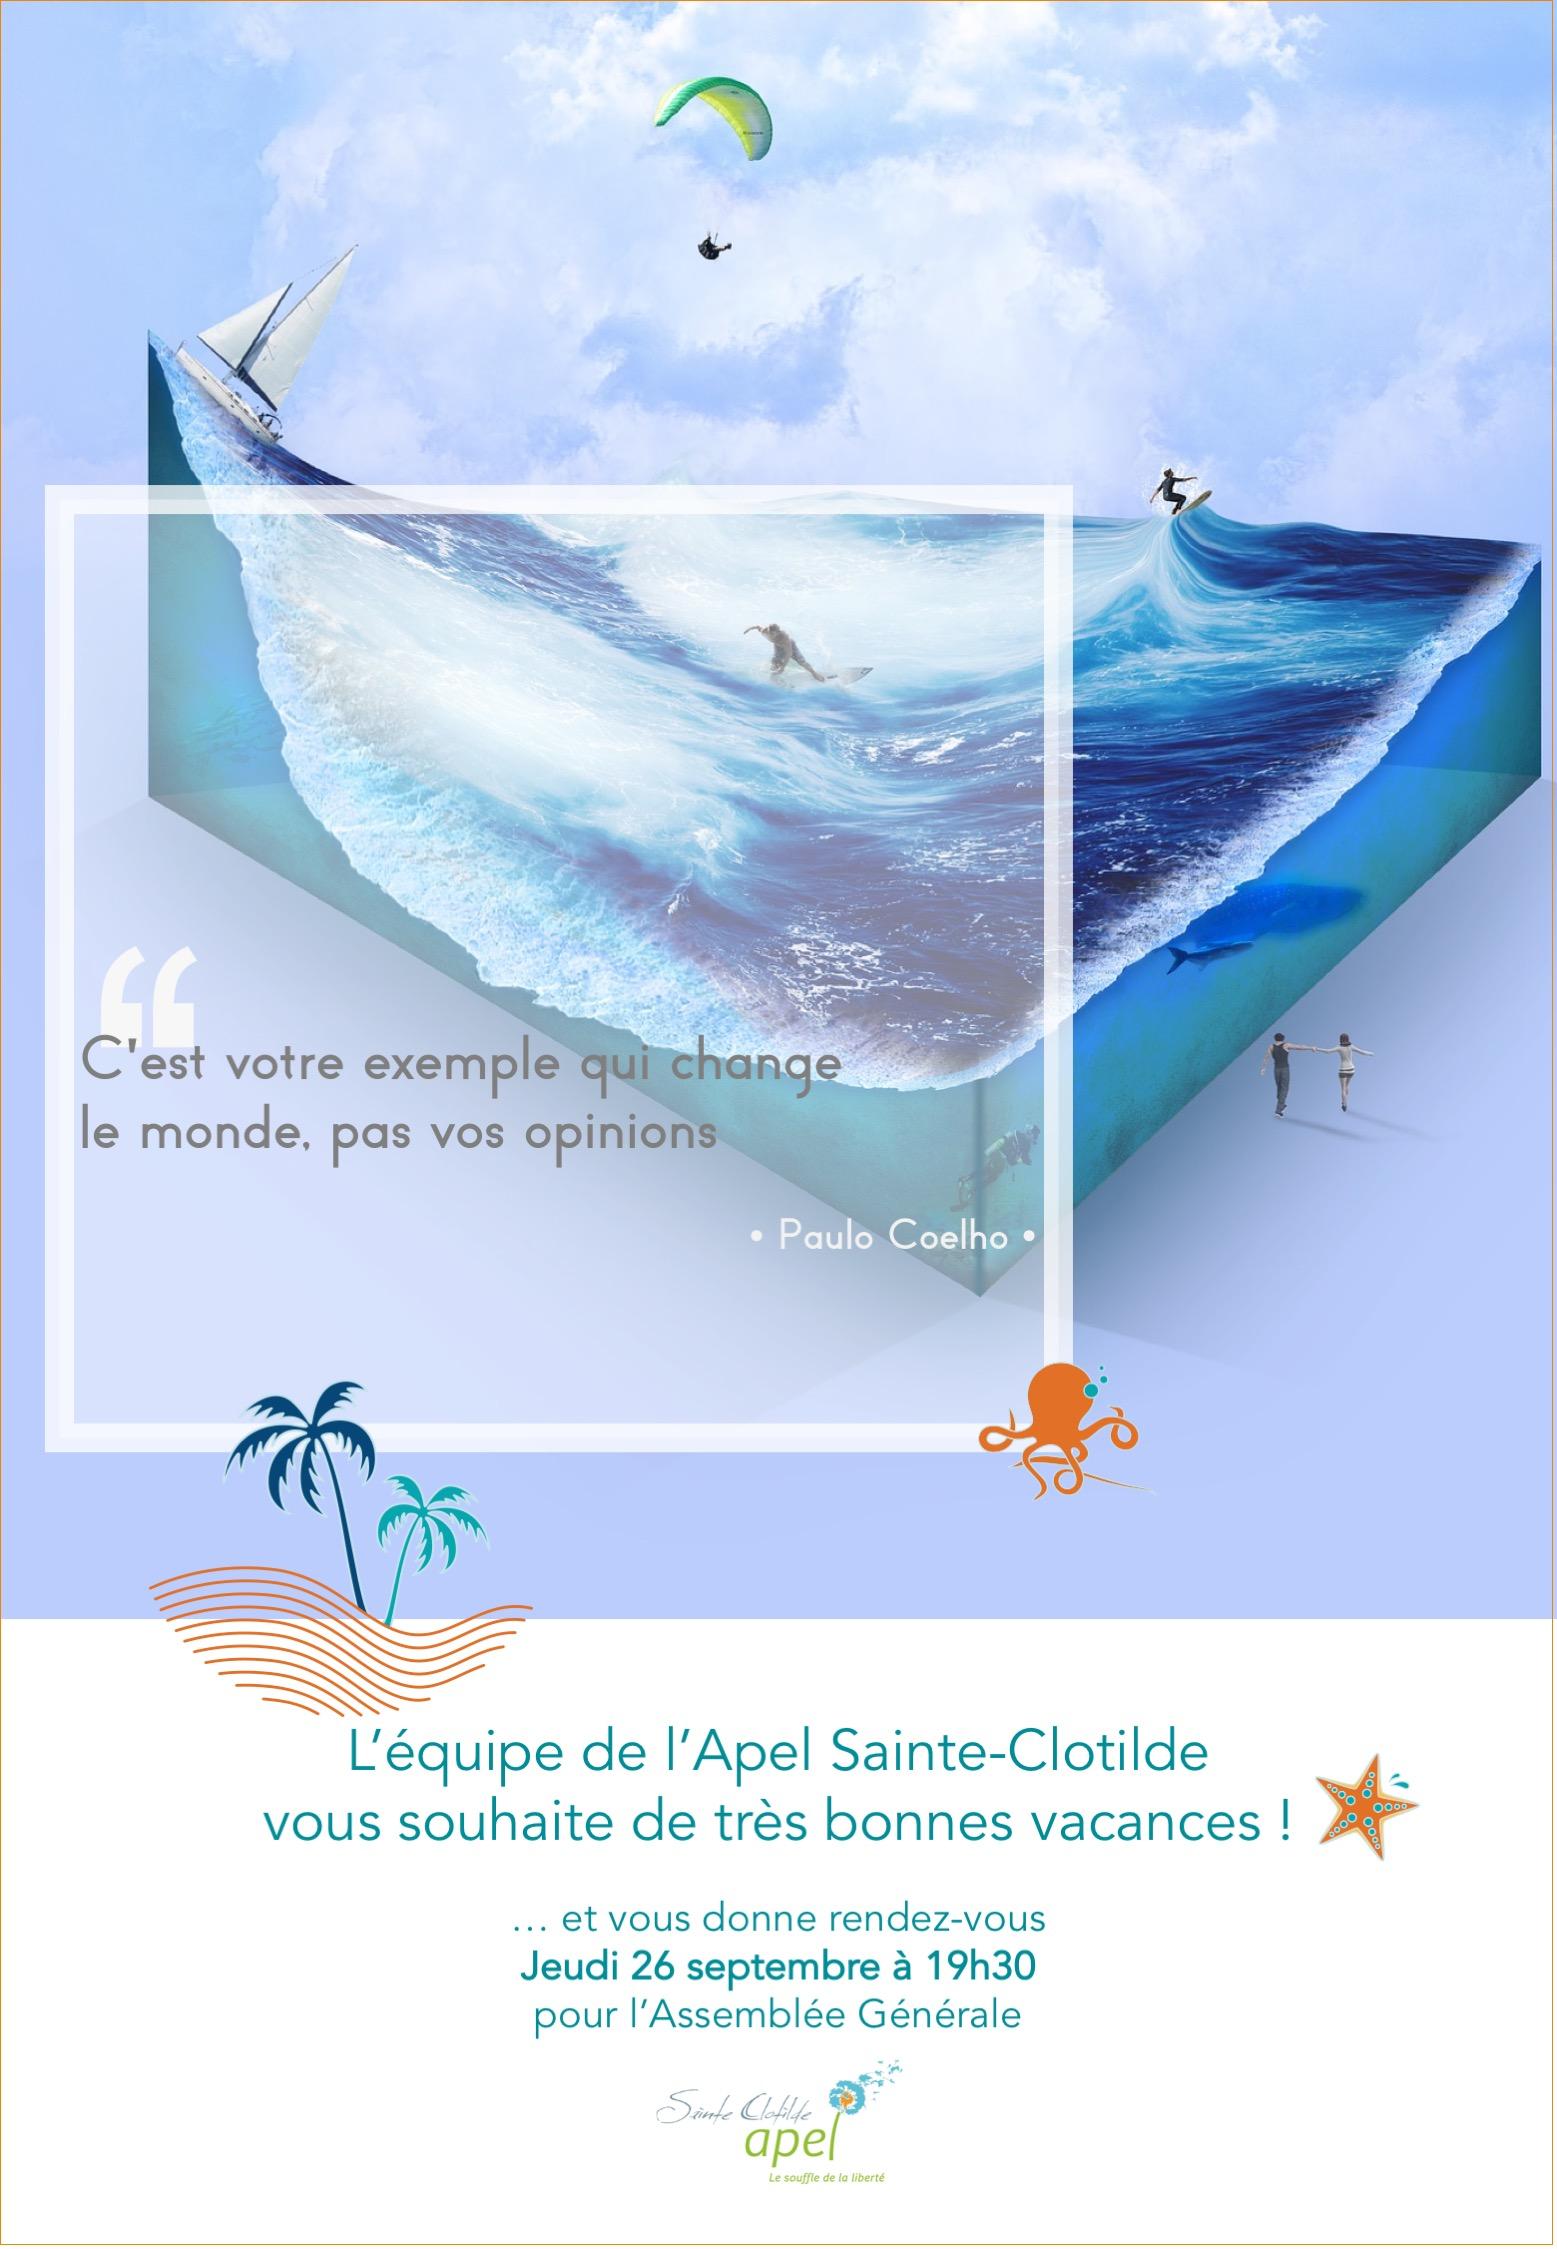 LEquipe de l'APEL vous souhaite de Bonnes Vacances !